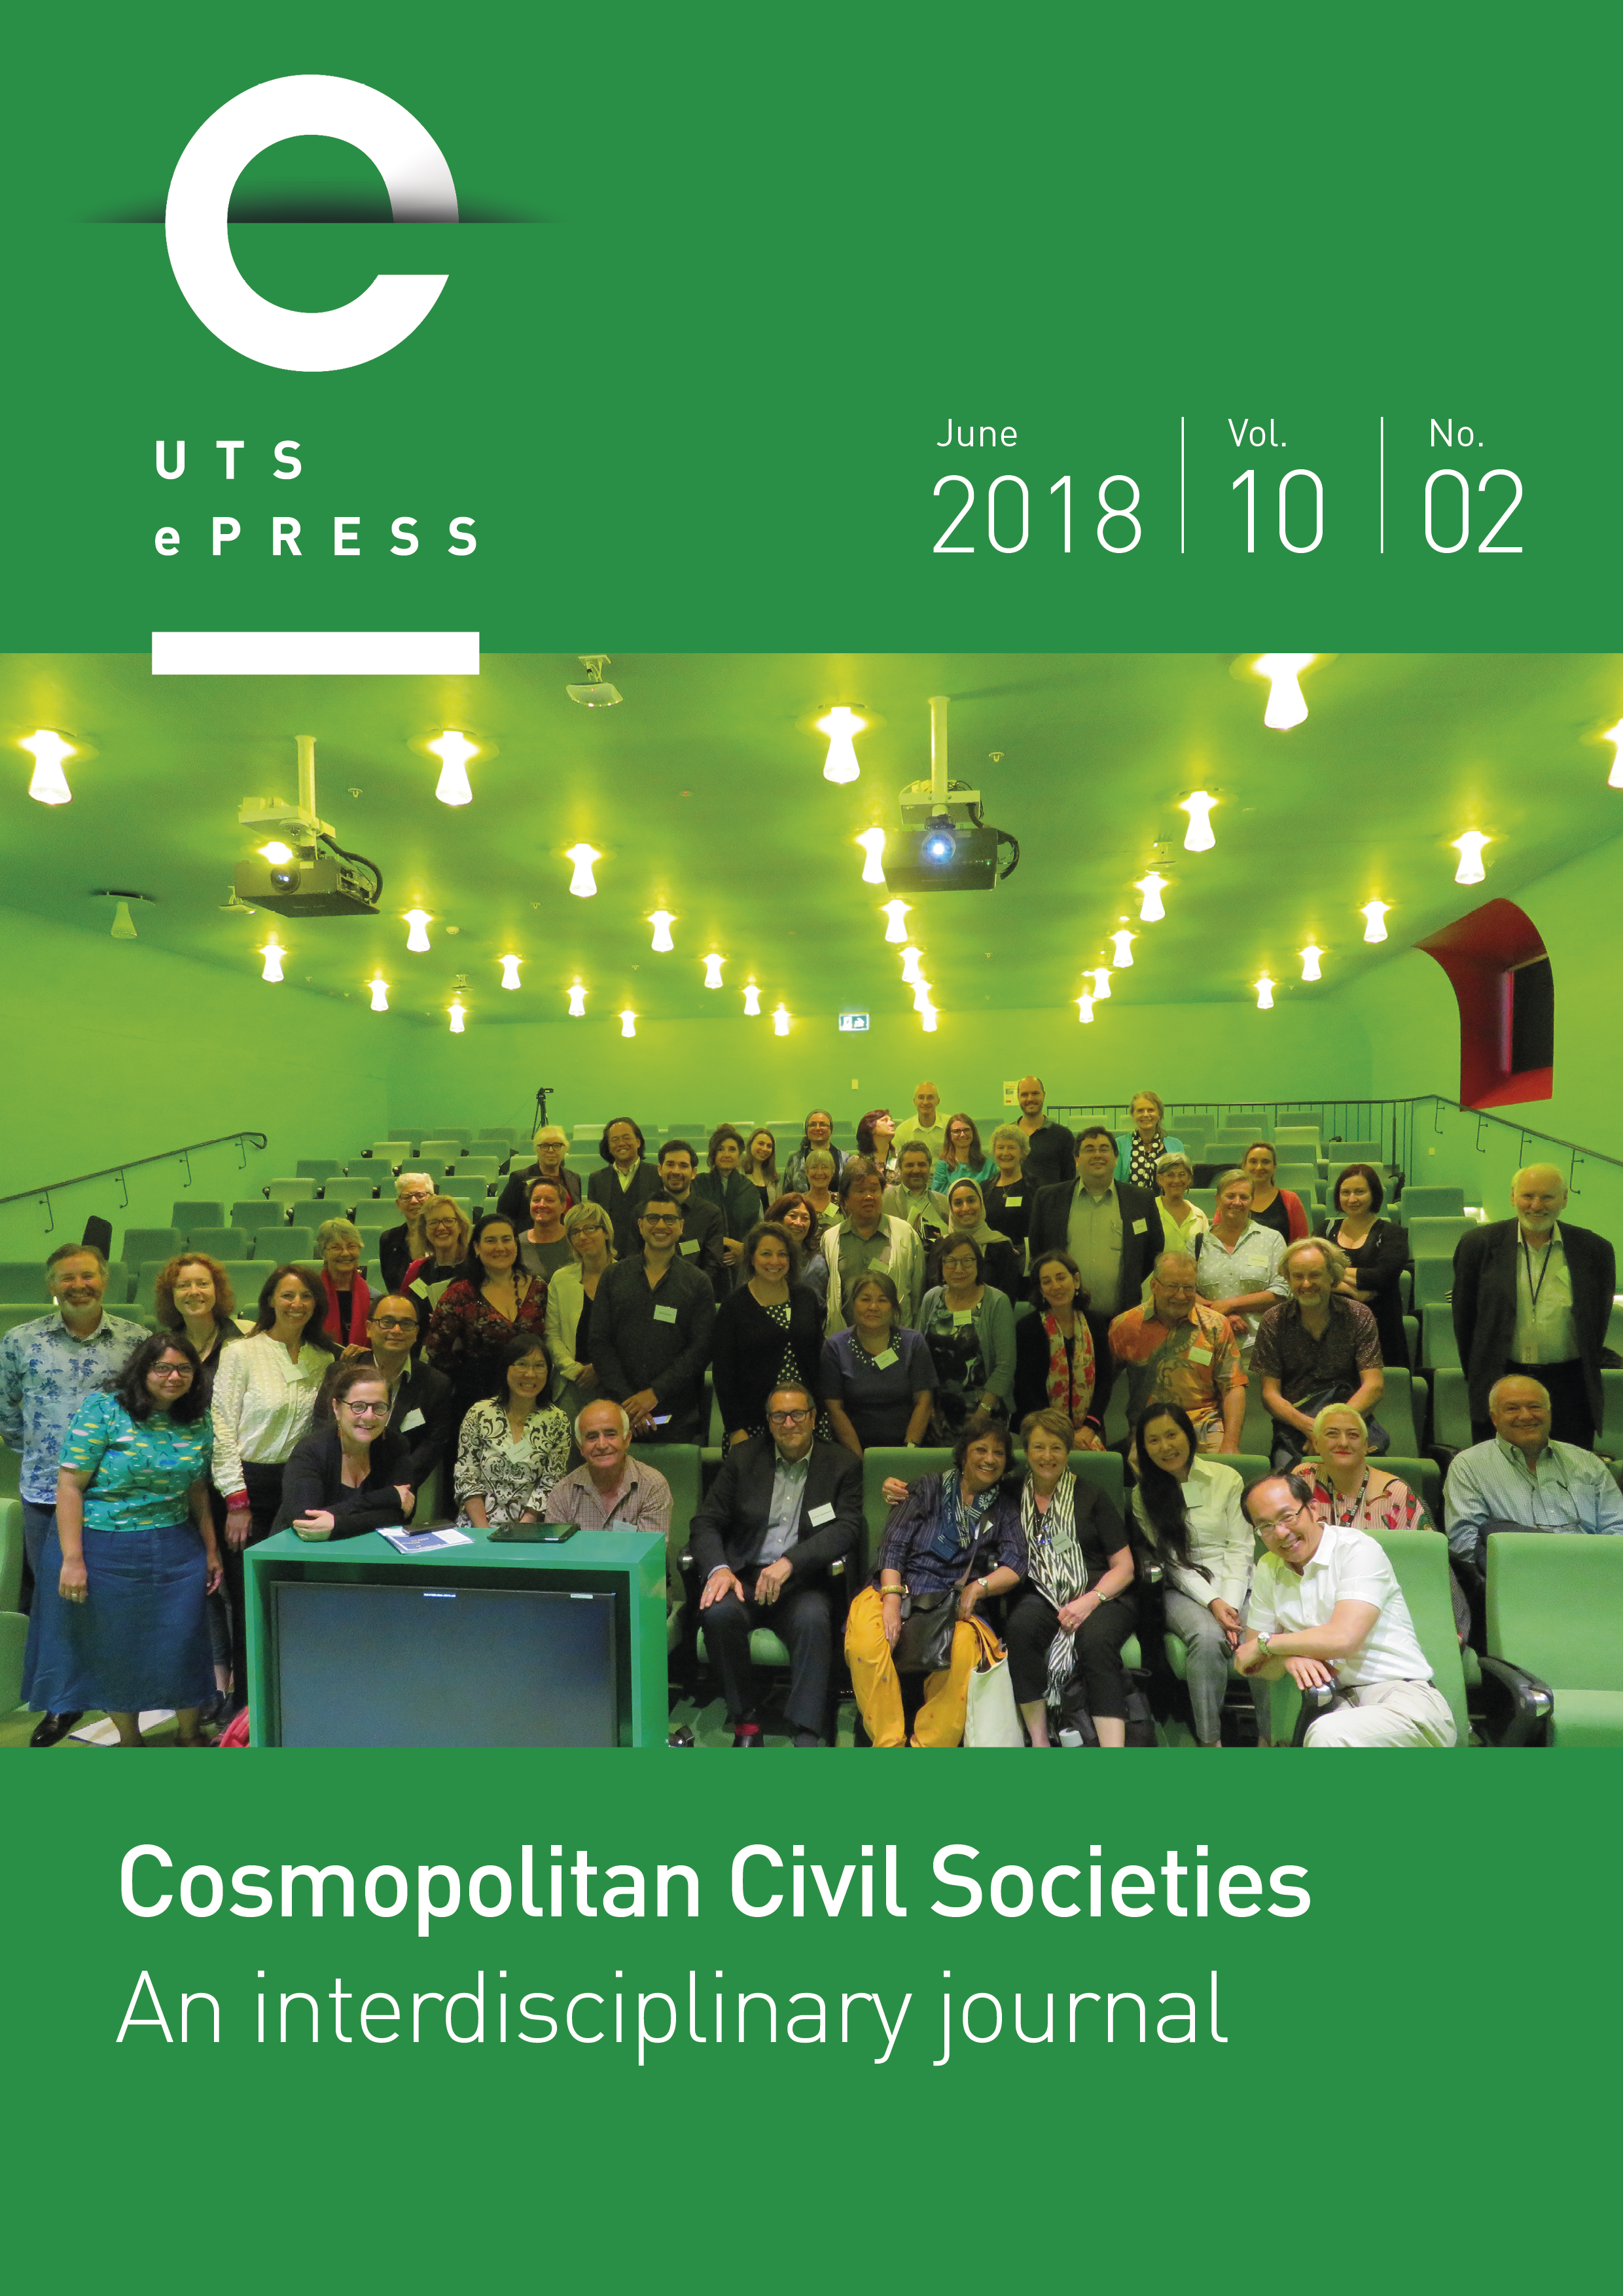 CCS Cover 2018 Vol 10 No 2